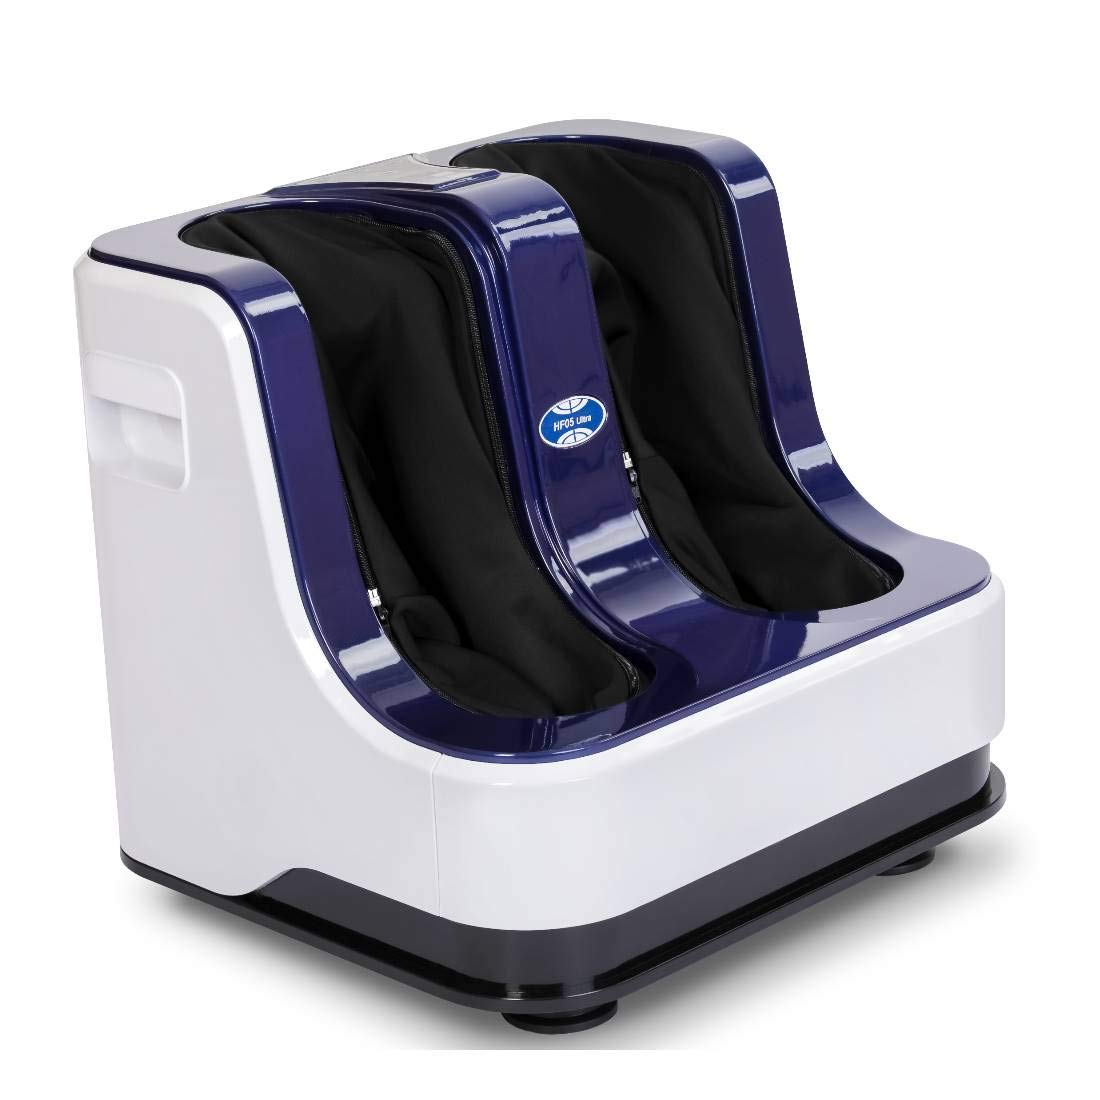 JSB HF05 Ultra Leg Massager